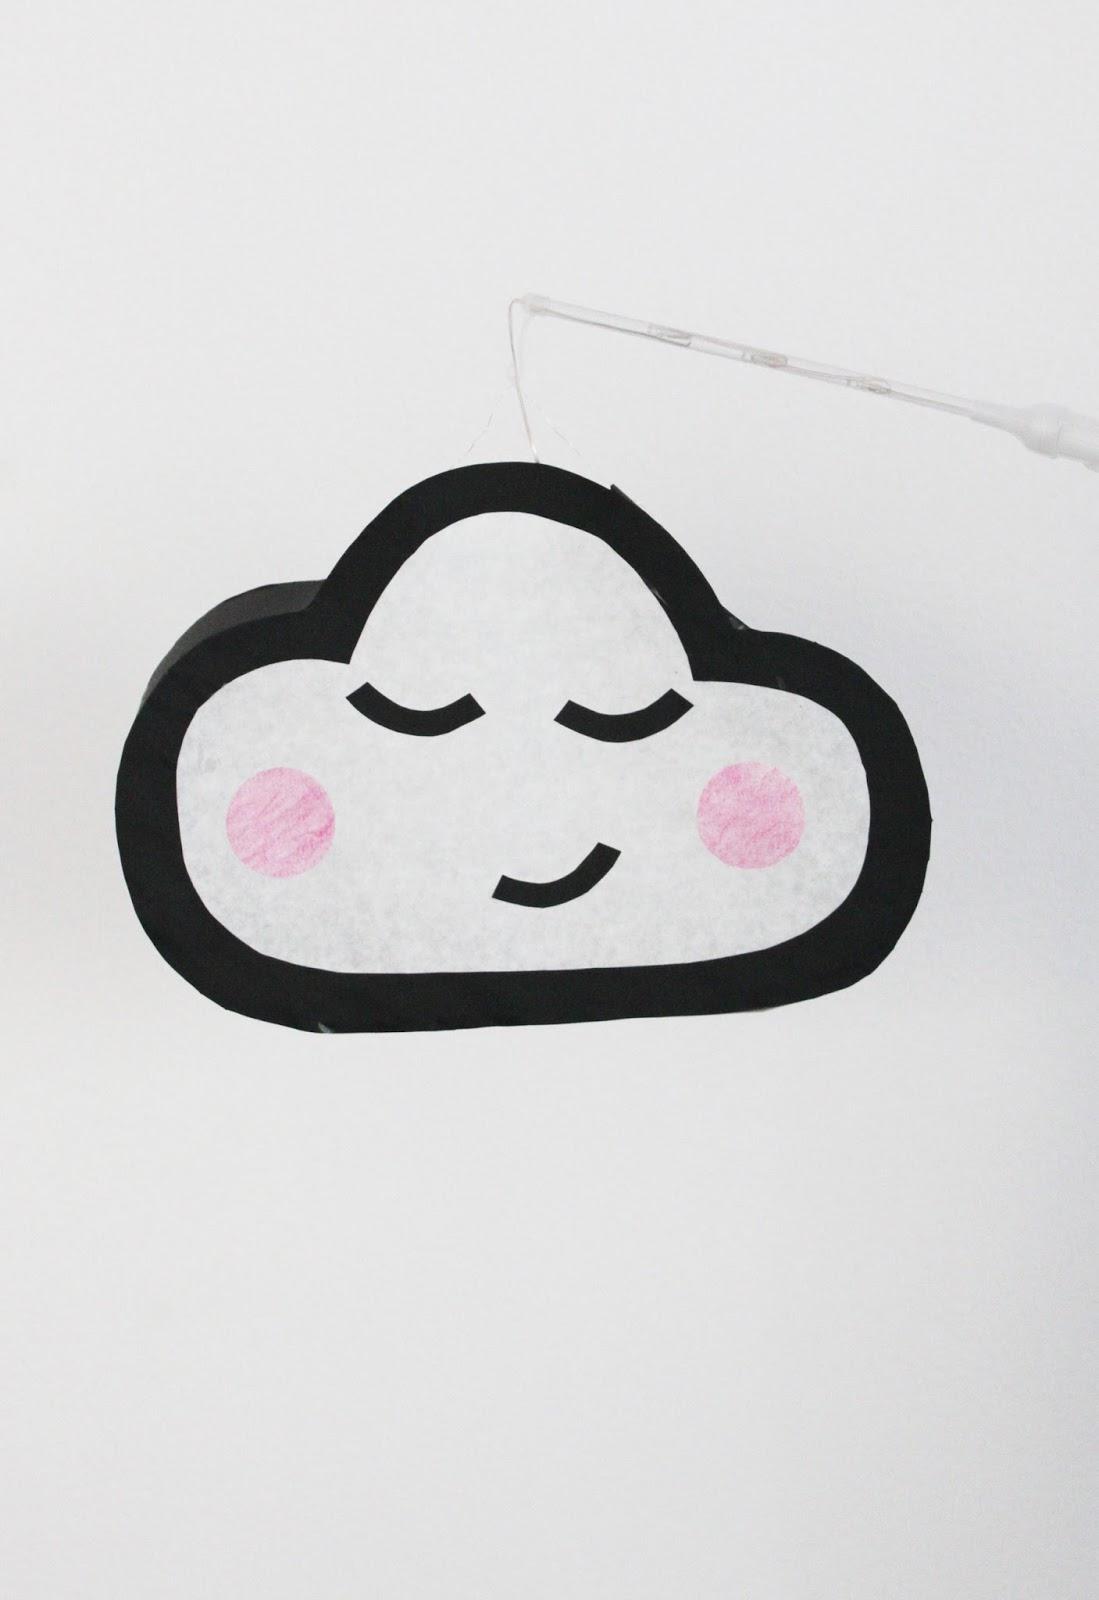 selbstgebastelte Laterne in Form einer Wolke